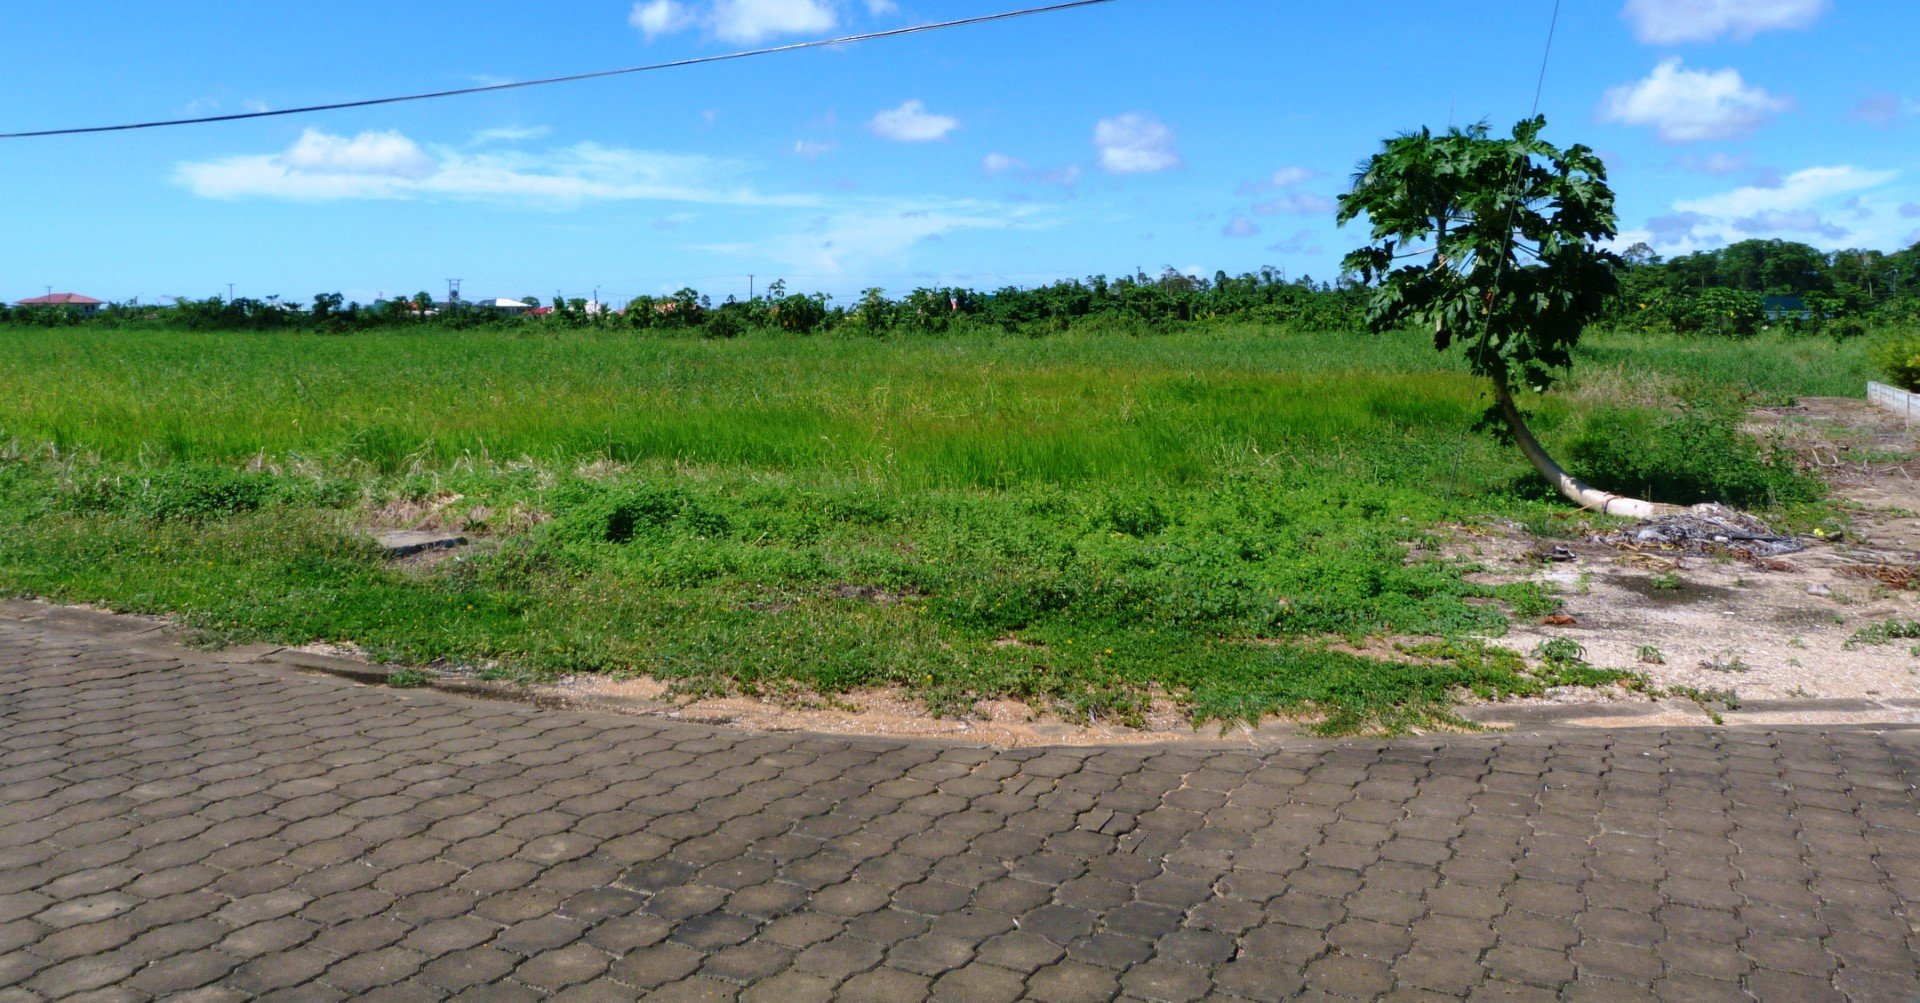 Palm Village 16 Commewijne Surgoed Makelaardij NV P0514B3 1 - Palm Village 16